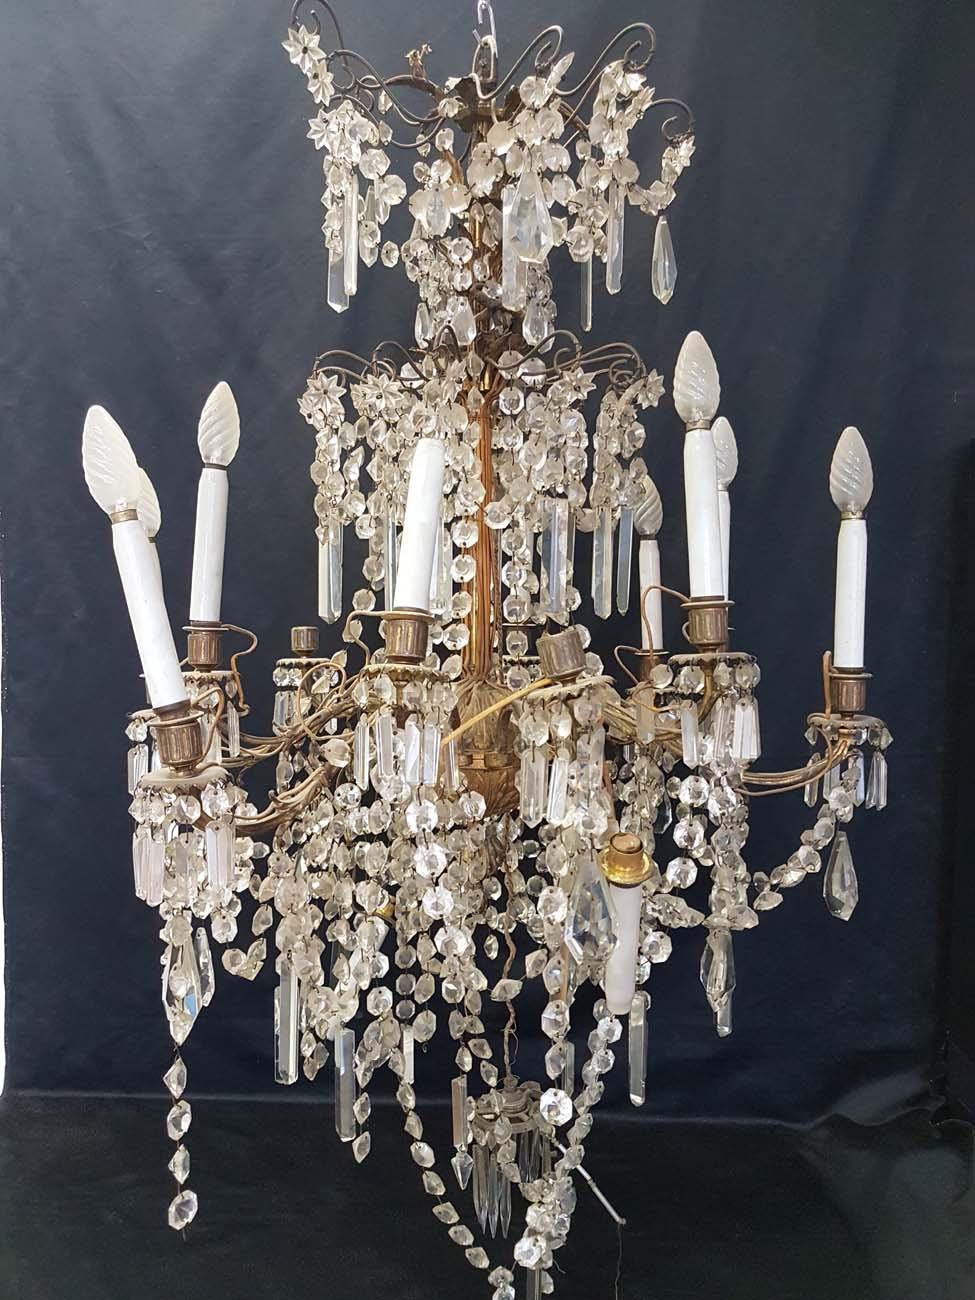 Avant restauration lustre bronze et cristal 12 lumières XIX ème